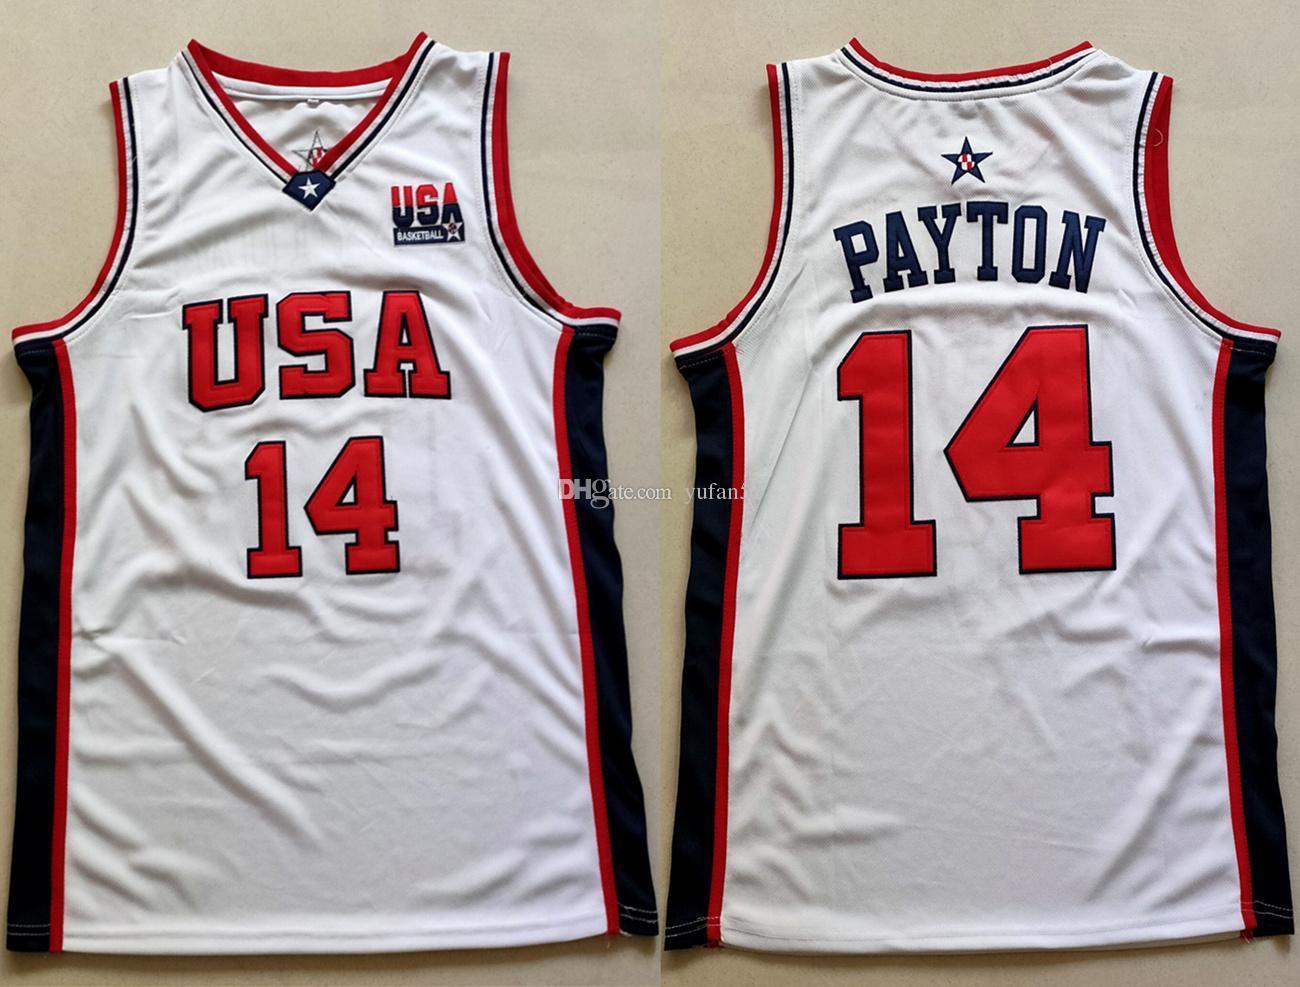 GARY PAYTON #14 Jersey TEAM USA JERSEY White  SEWN  NEW   ANY SIZE